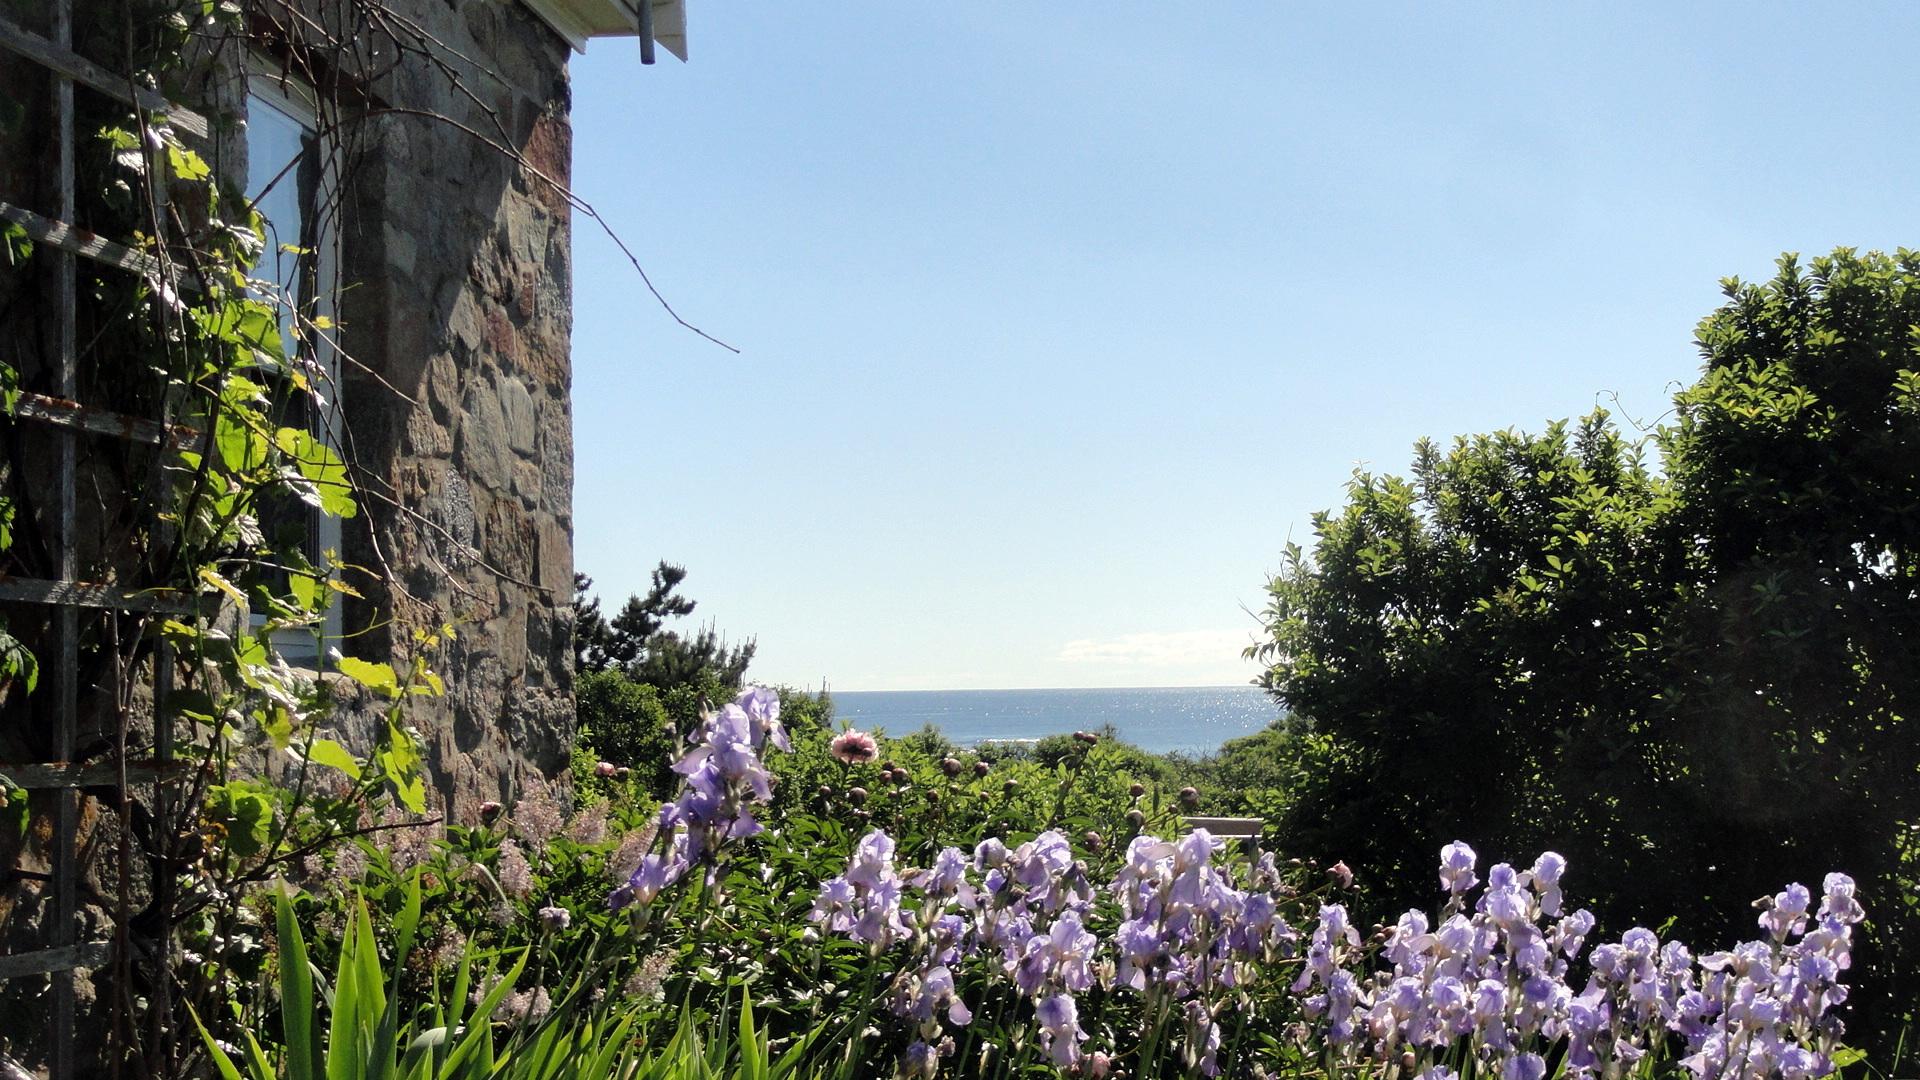 Blue Iris - Stone House - Coastal Horizon